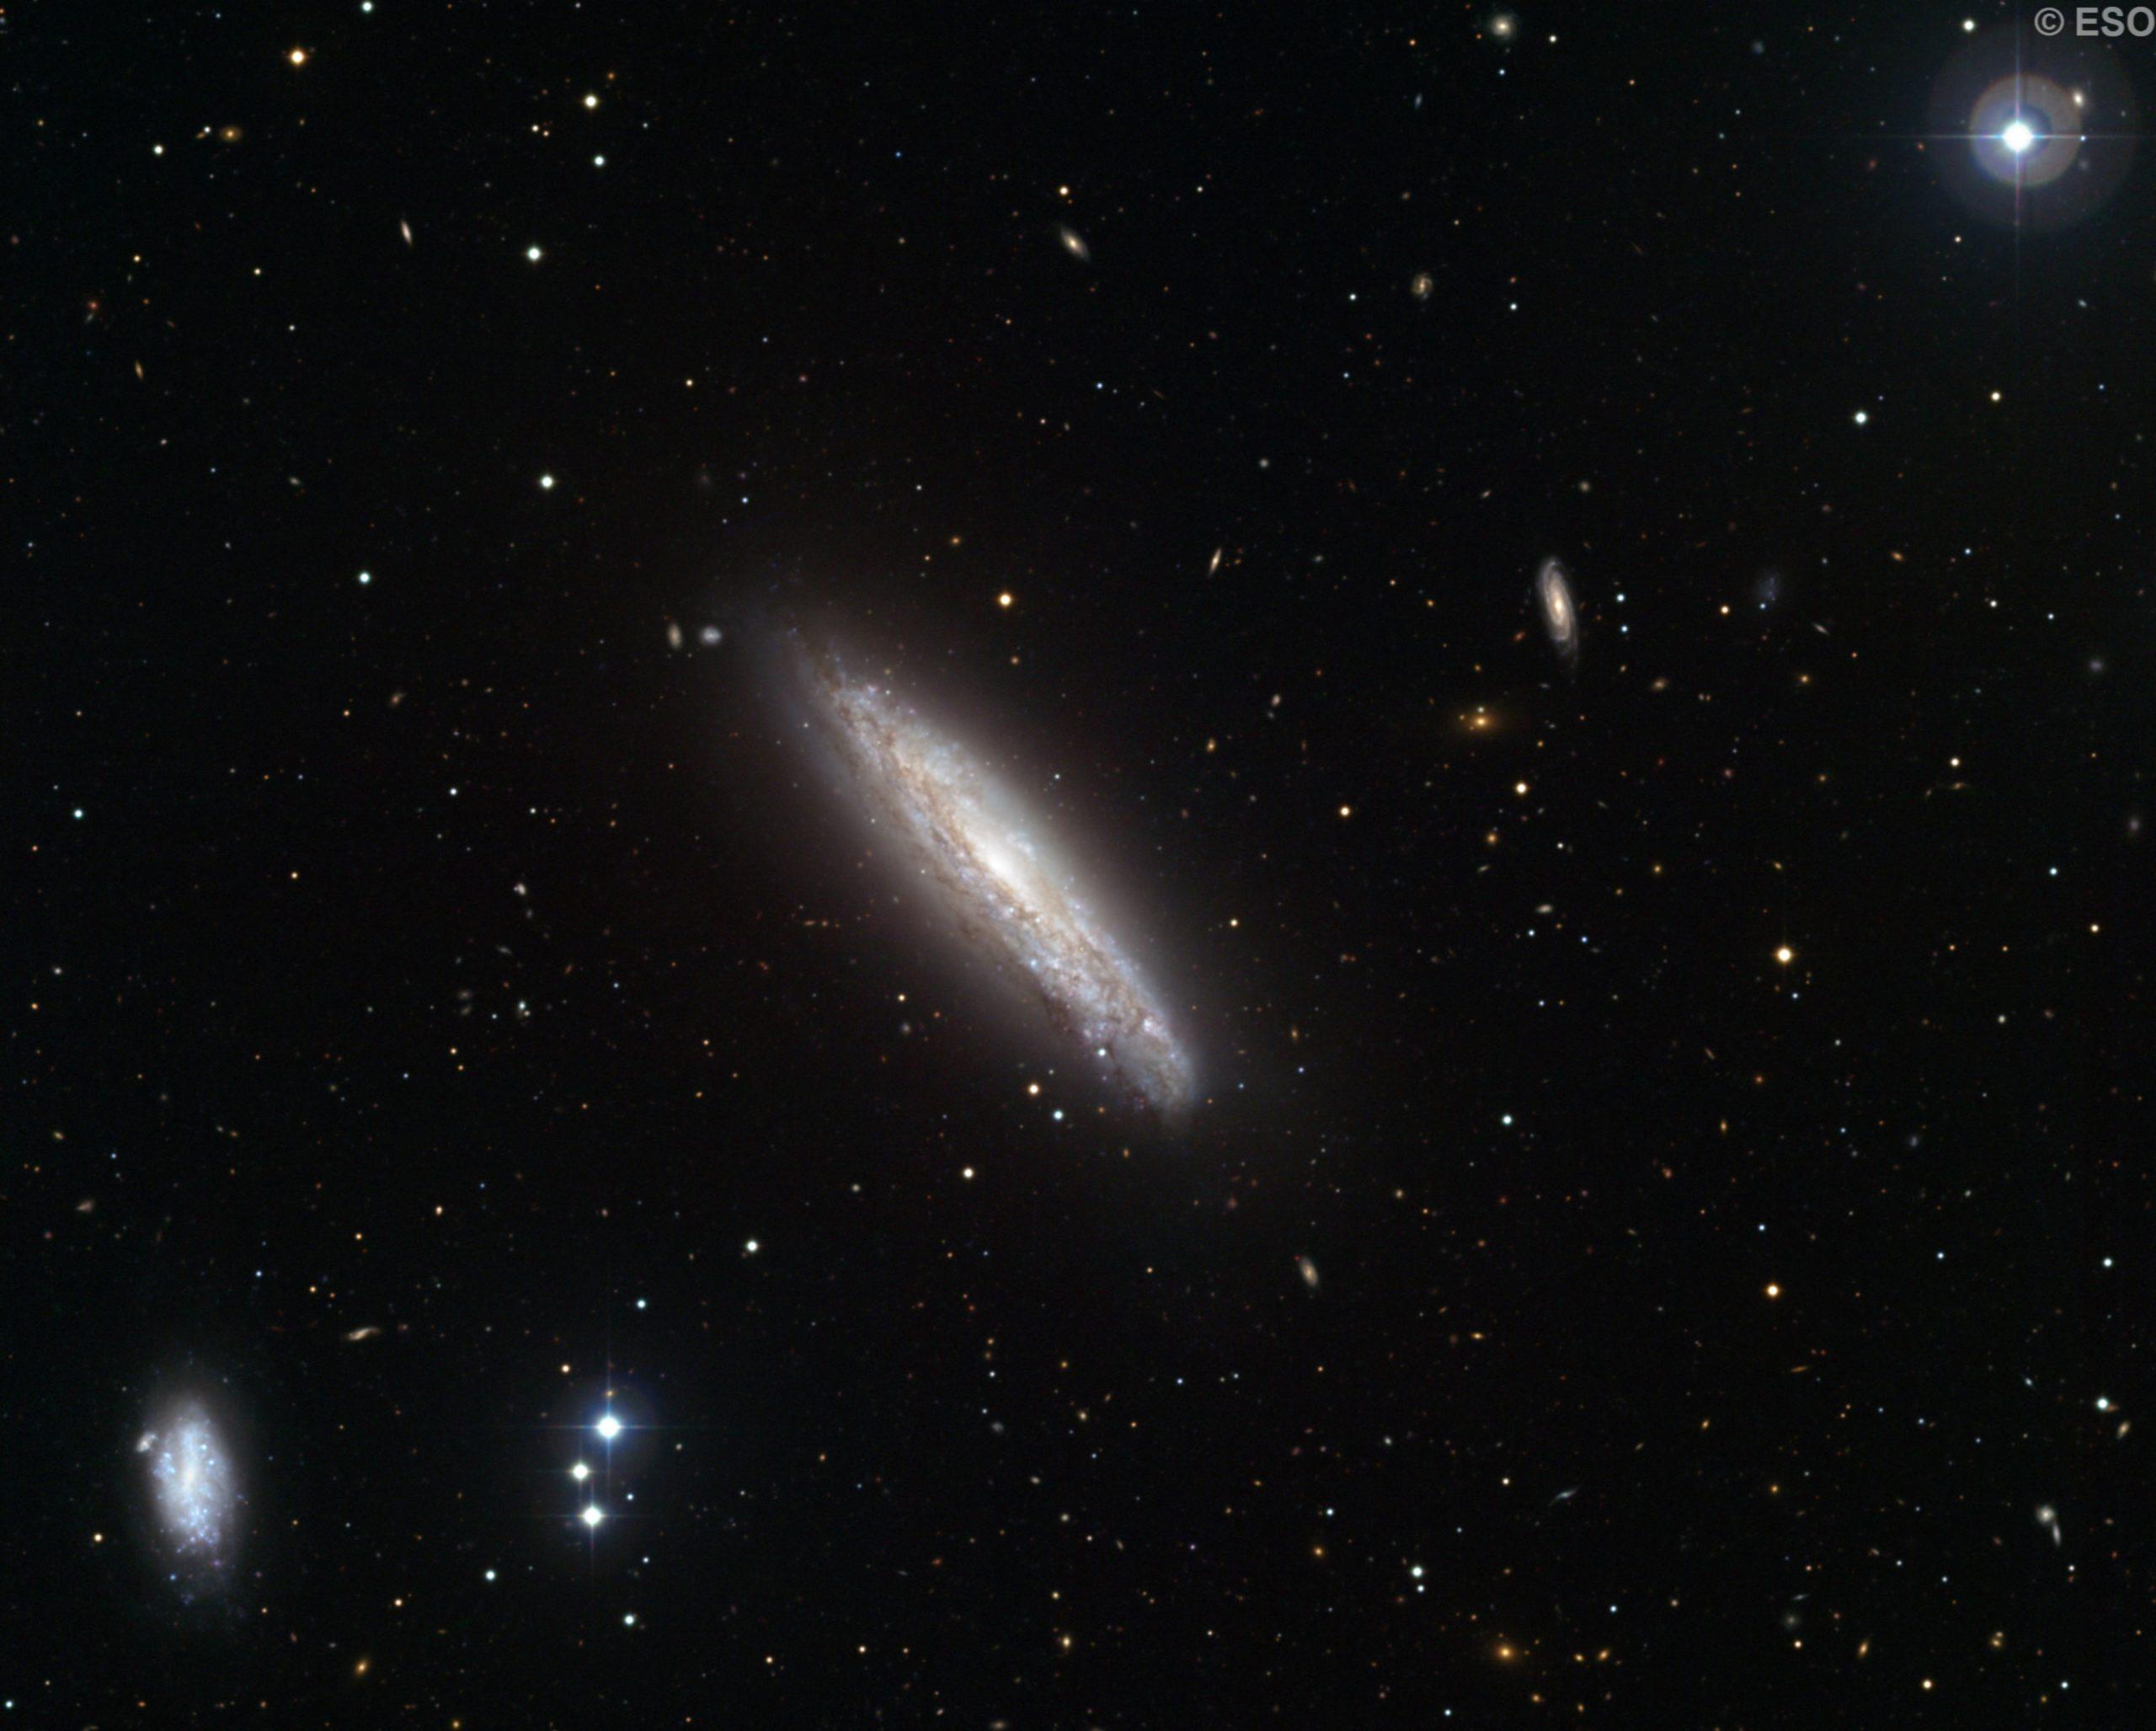 NGC 4666 & NGC 4668